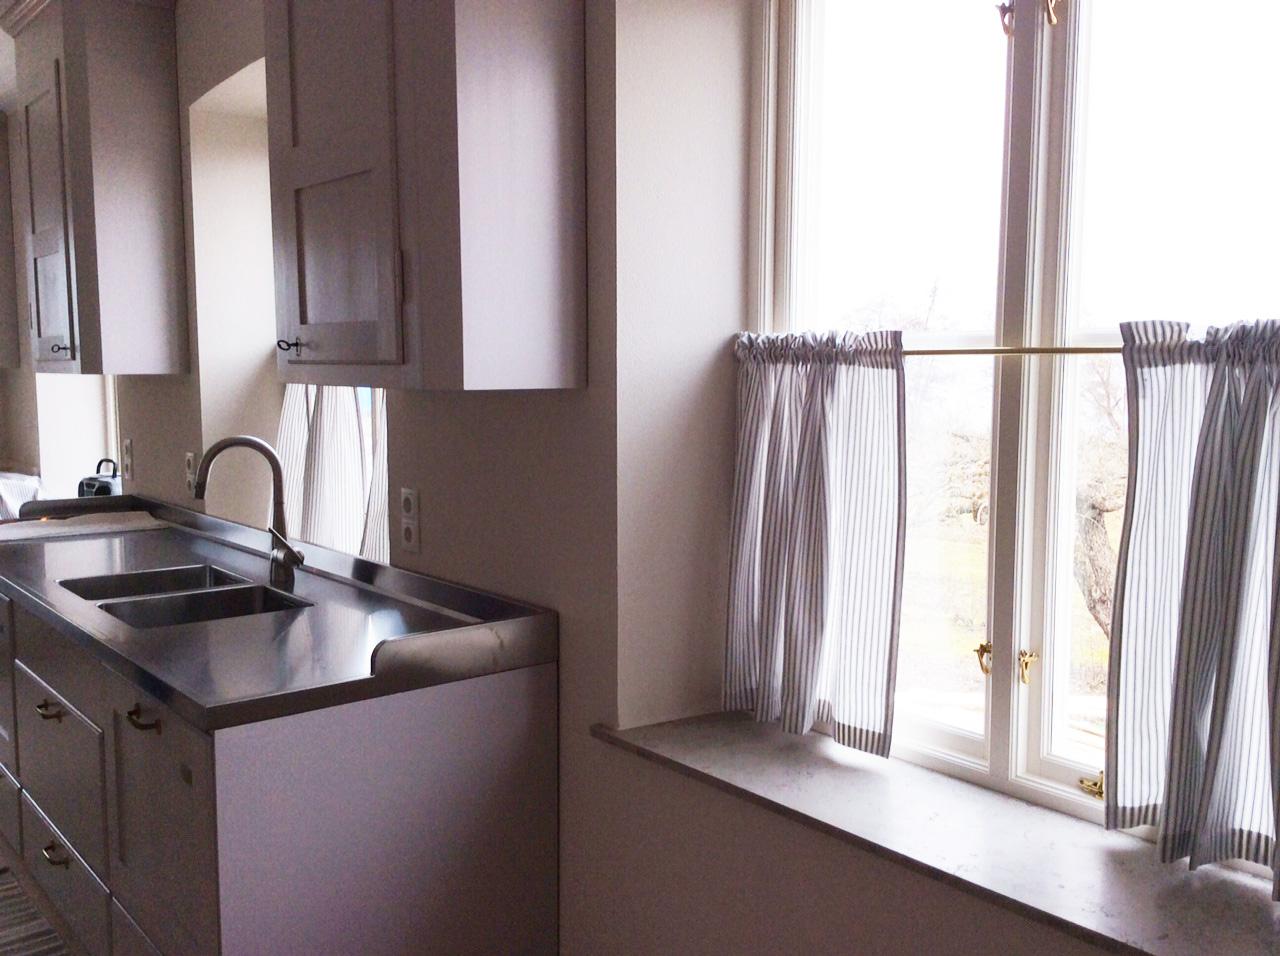 Gardiner gardiner till kök : Välj och häng gardiner som ett proffs